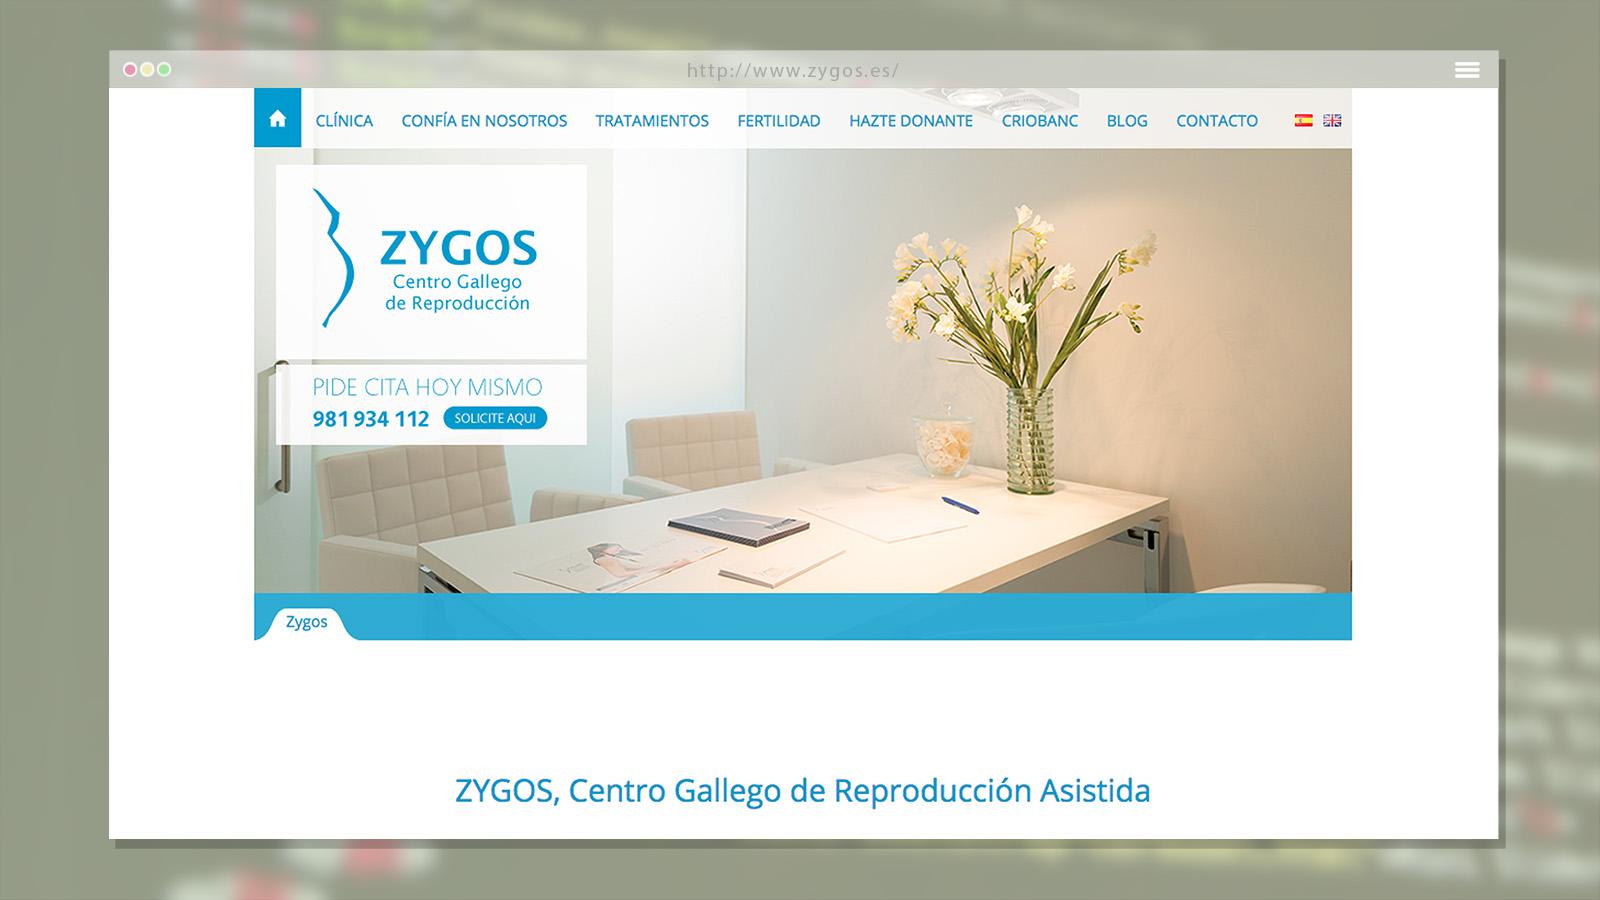 zygos.es